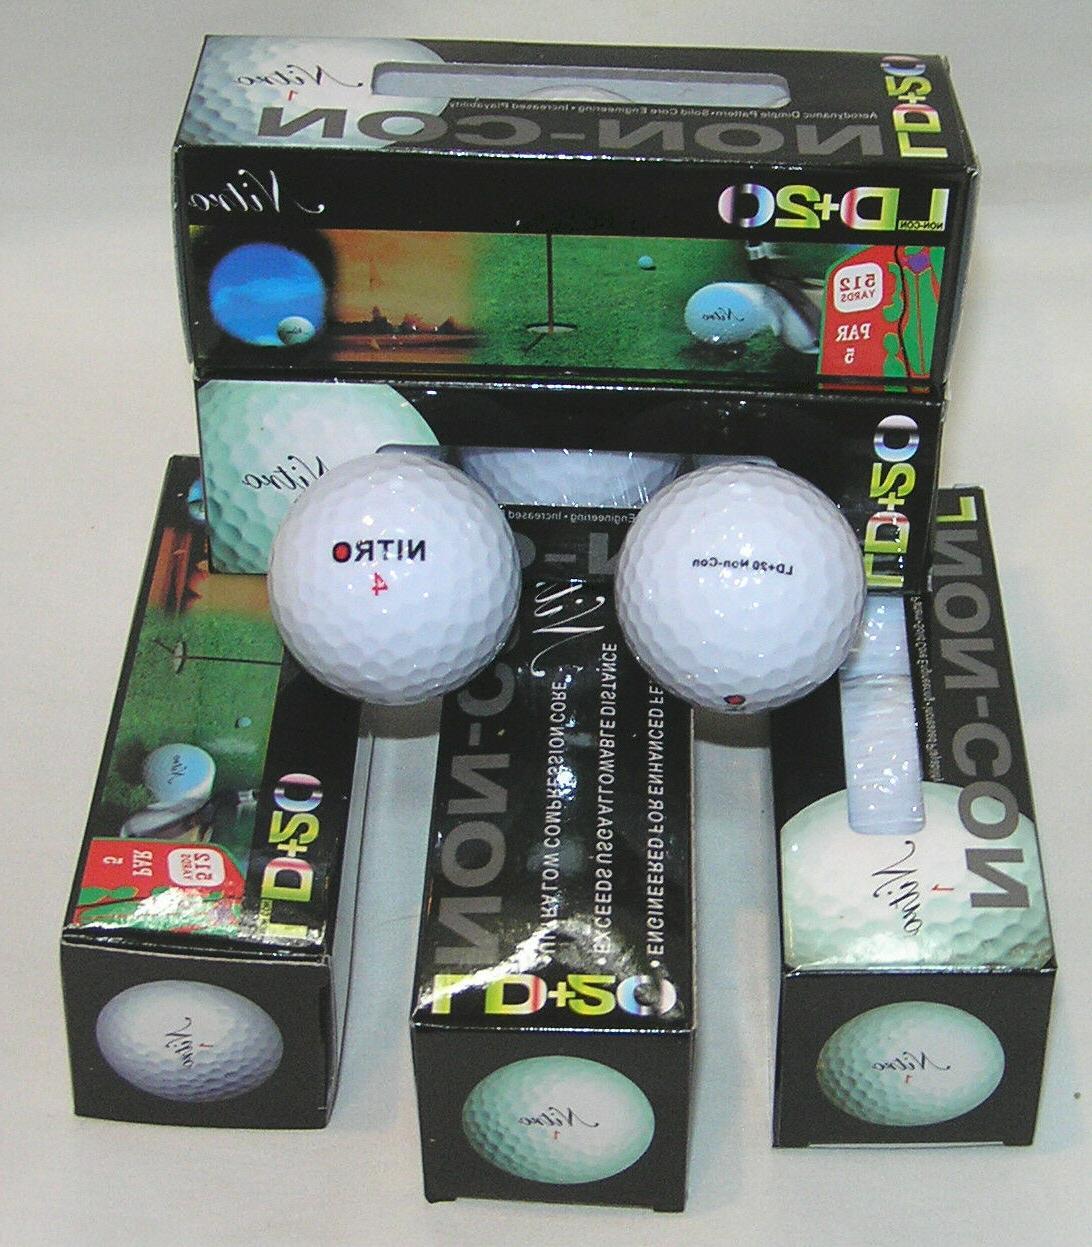 Nitro LD+20 Golf Balls